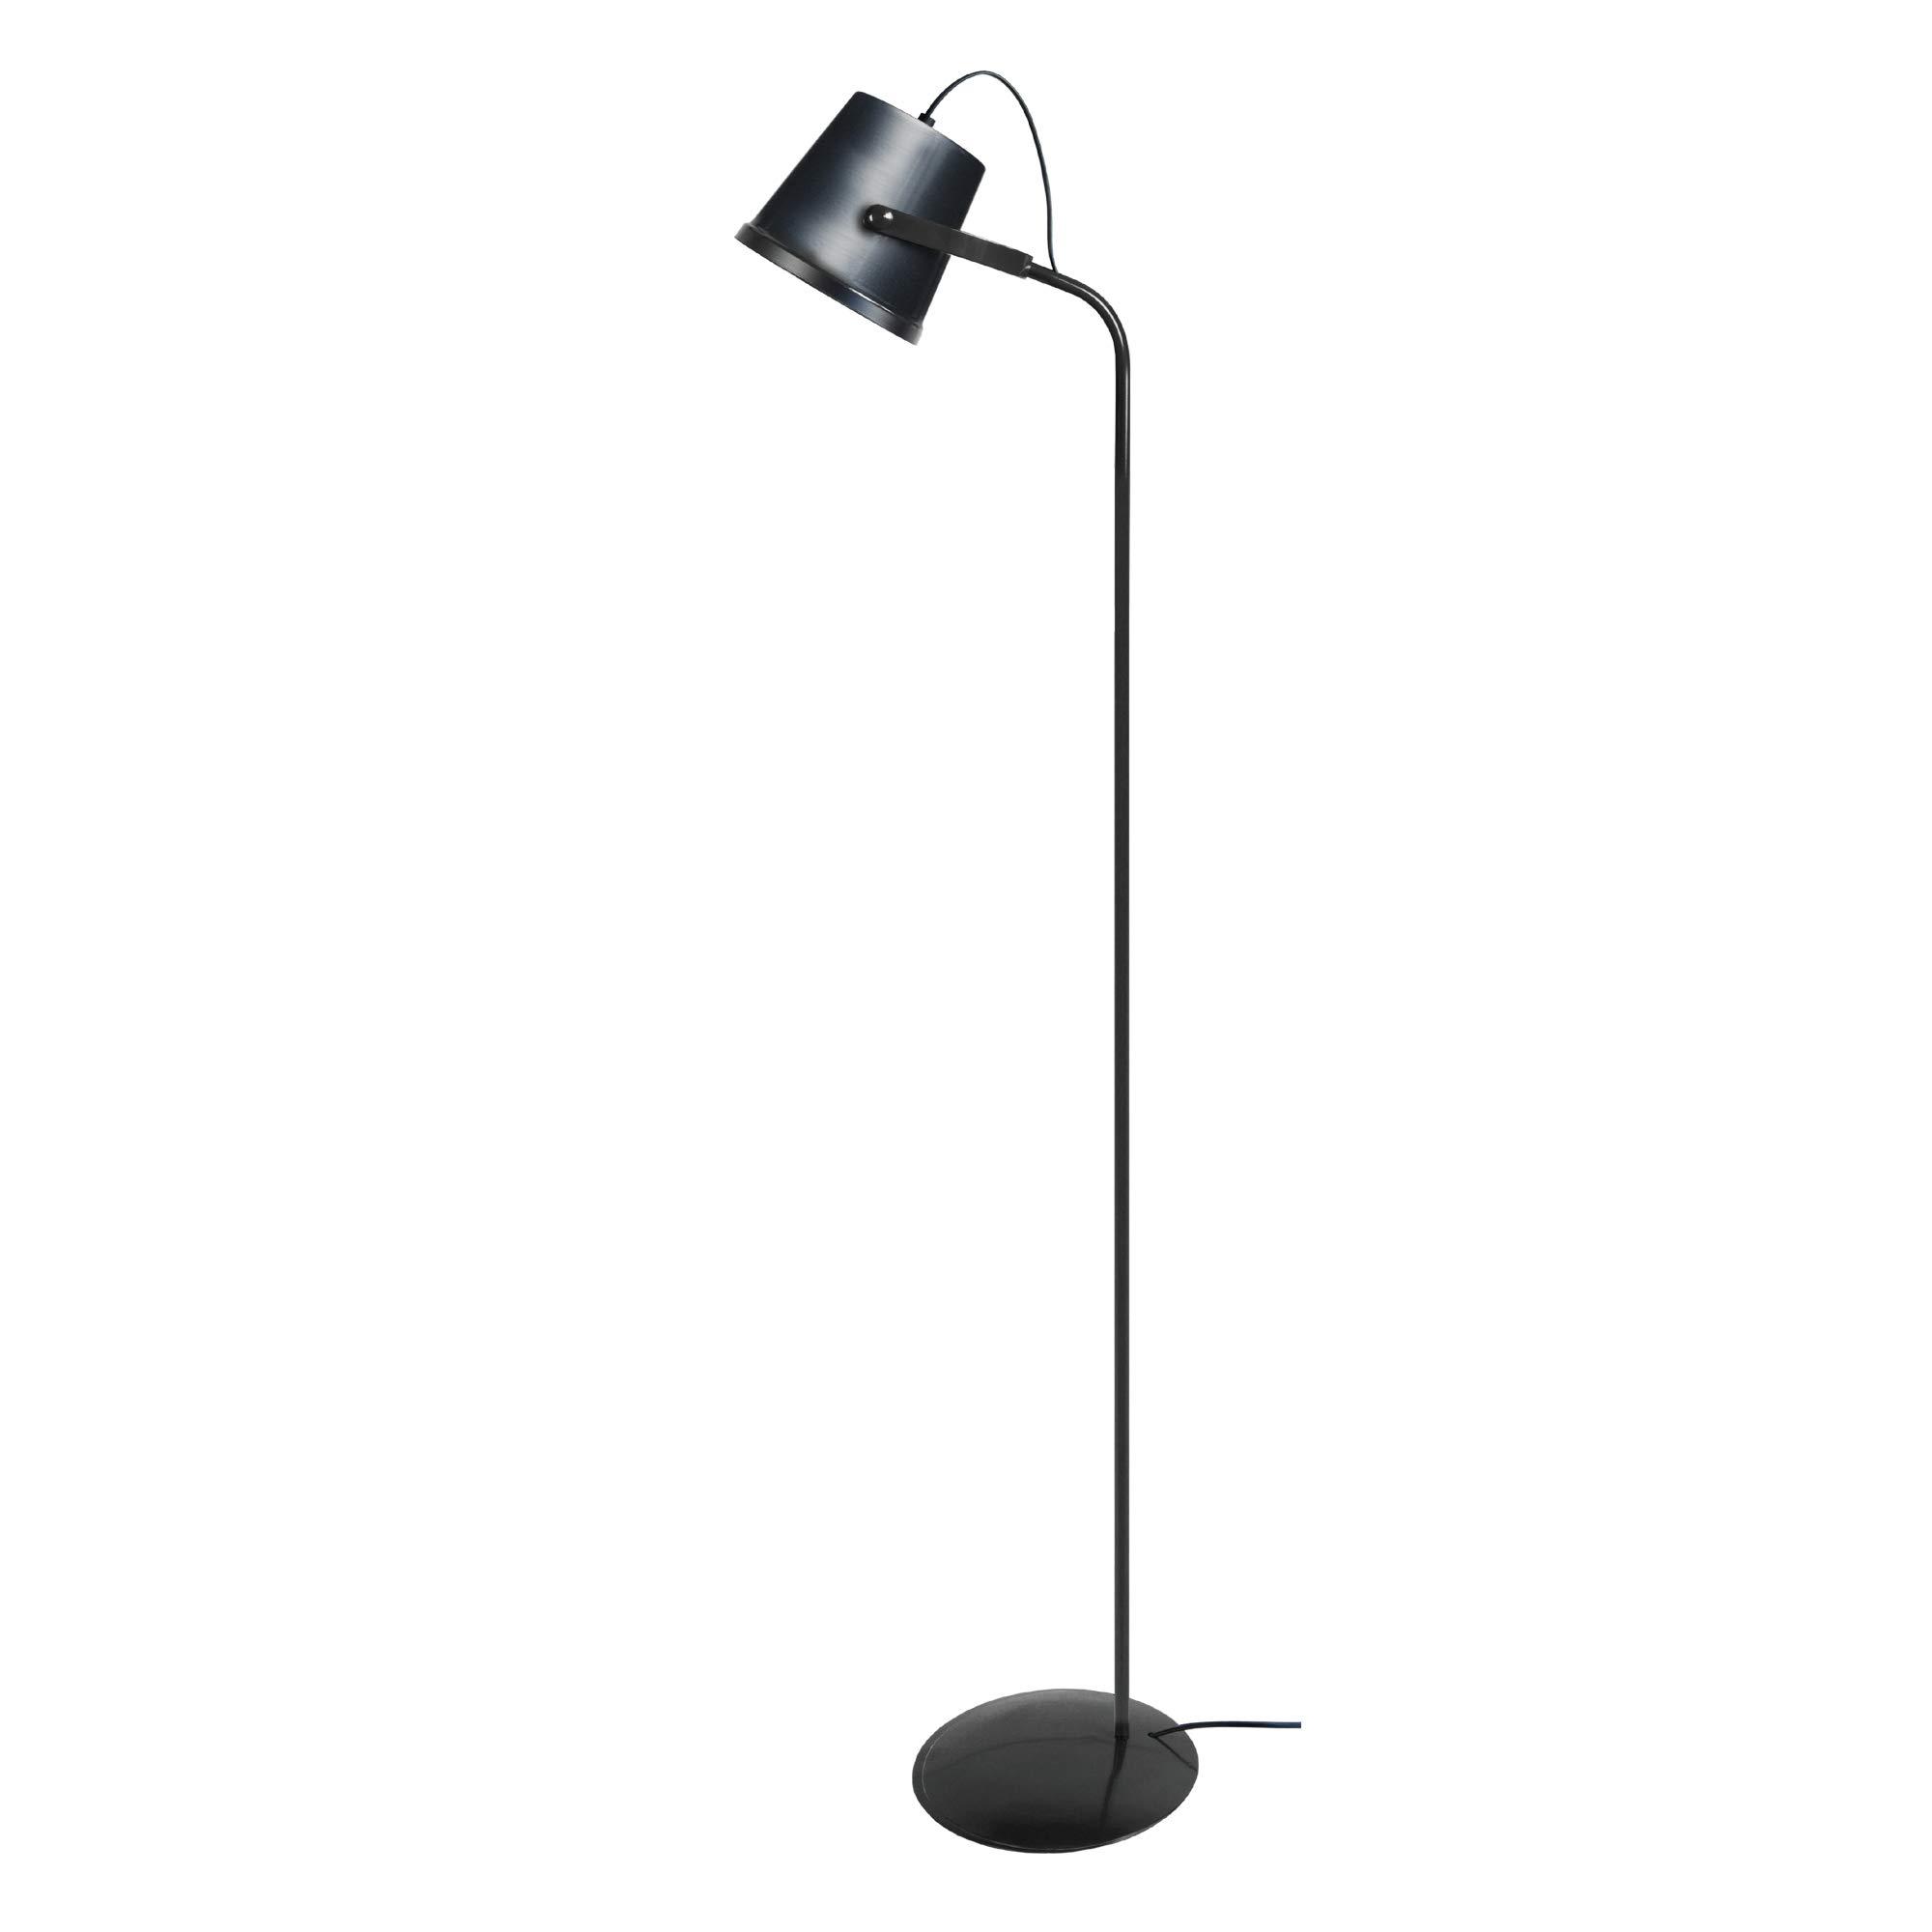 Lampada Decorativa da Terra Zanflare Lampada da Terra Orientabile ecc Camera da Letto Lampada da Terra Moderna Lampada da Terra Classica con Lunga Durata per Soggiorno Ufficio